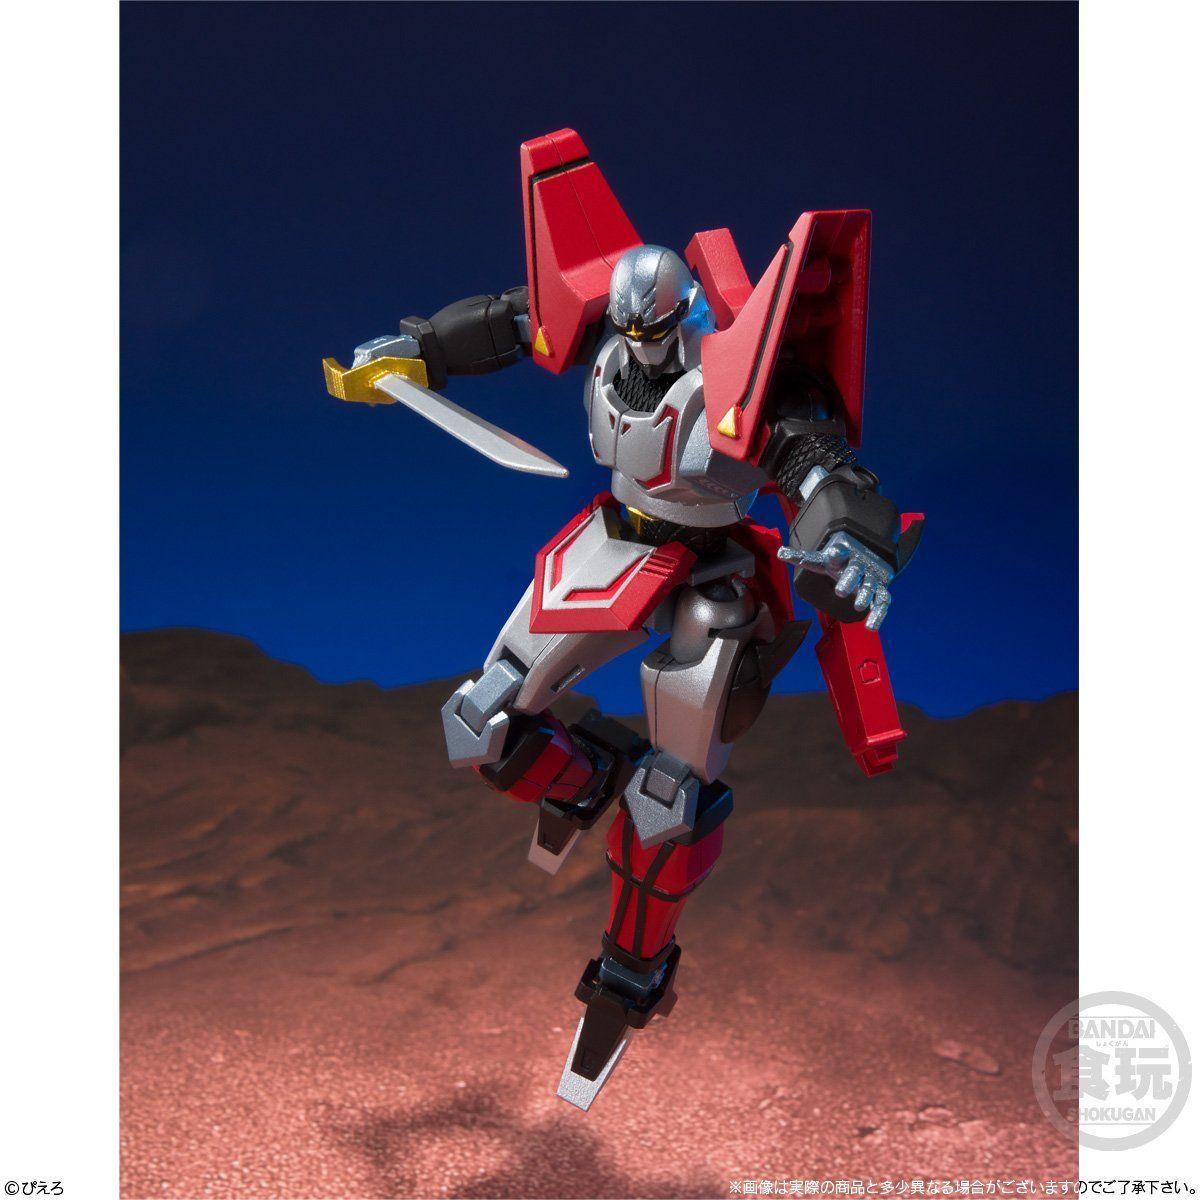 【食玩】スーパーミニプラ『忍者戦士 飛影Vol.1(3個入)』プラモデル-002